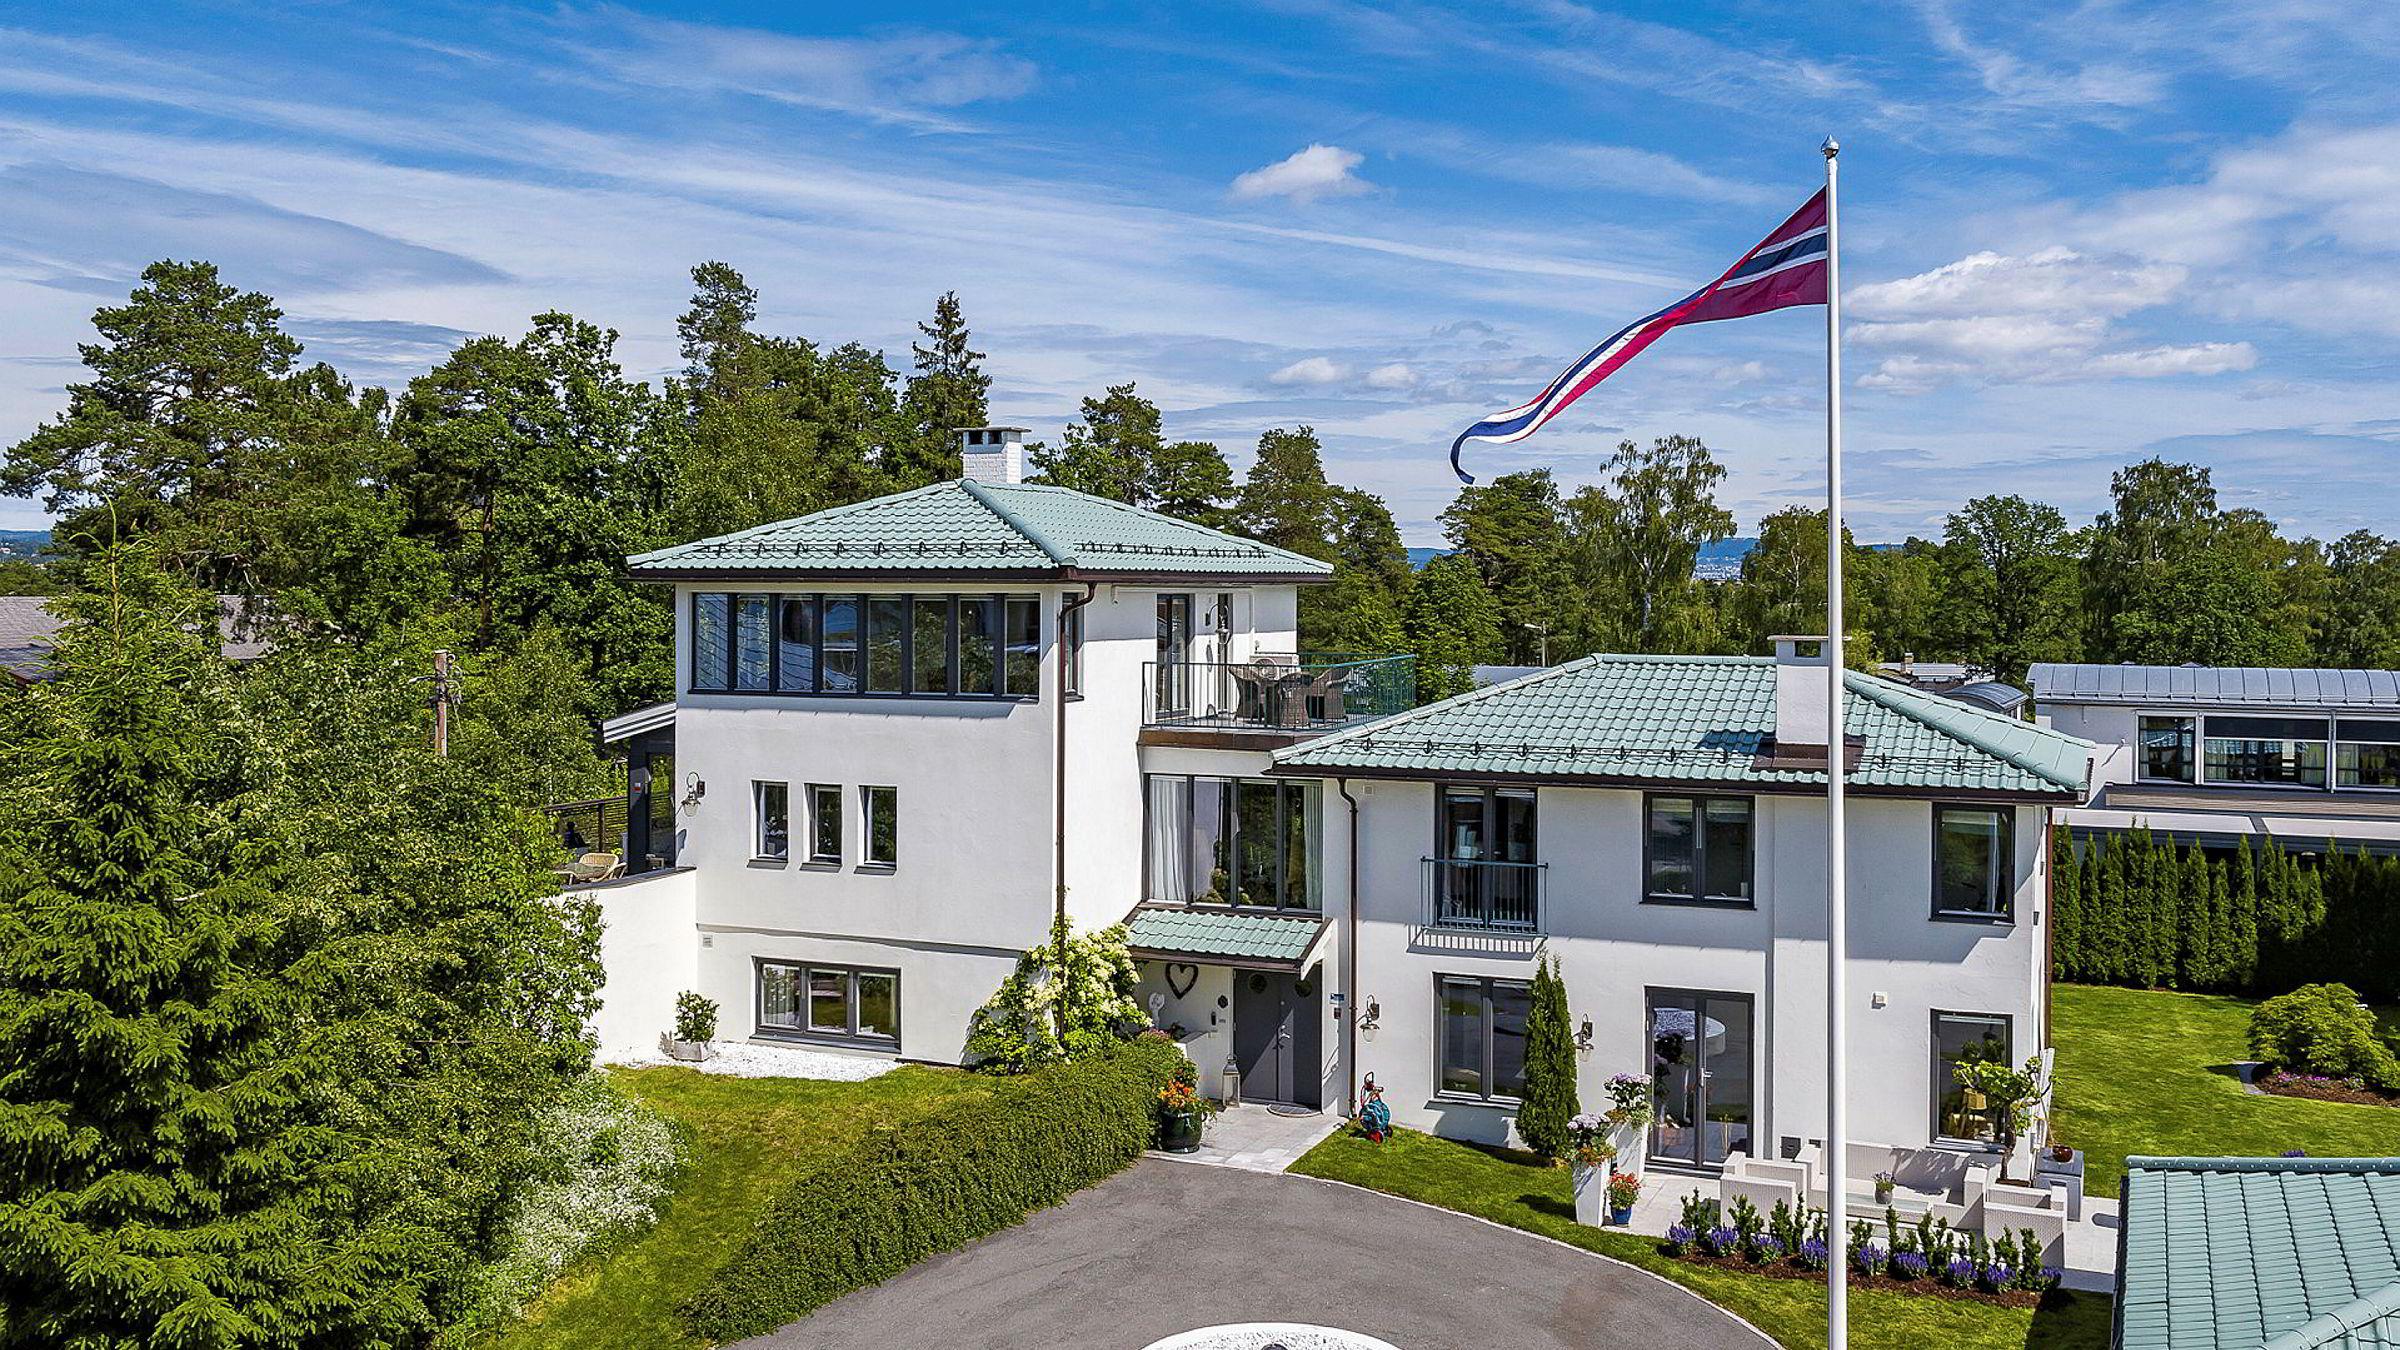 Hundsundveien 25 på Snarøya ble solgt for 28 millioner kroner. Foto: Sem & Johnsen